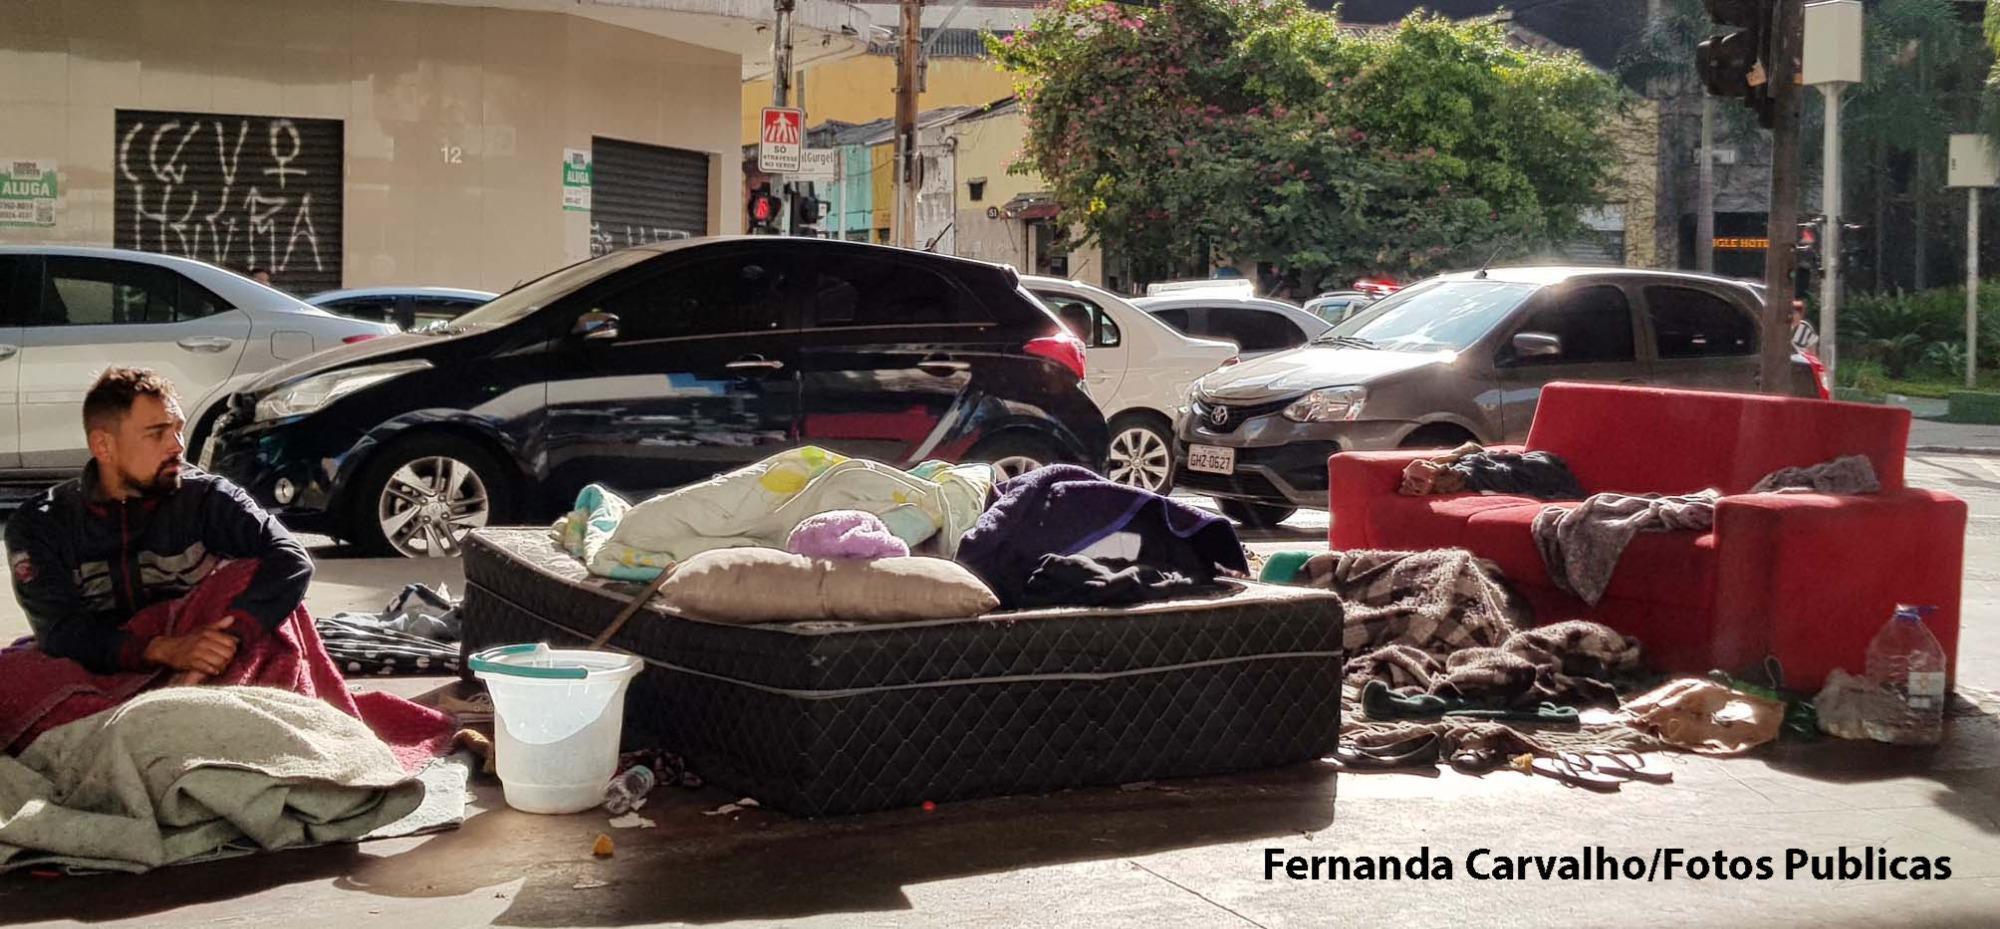 carol, outubro, 2020, imprensa, Fernanda Carvalho/Fotos Publicas